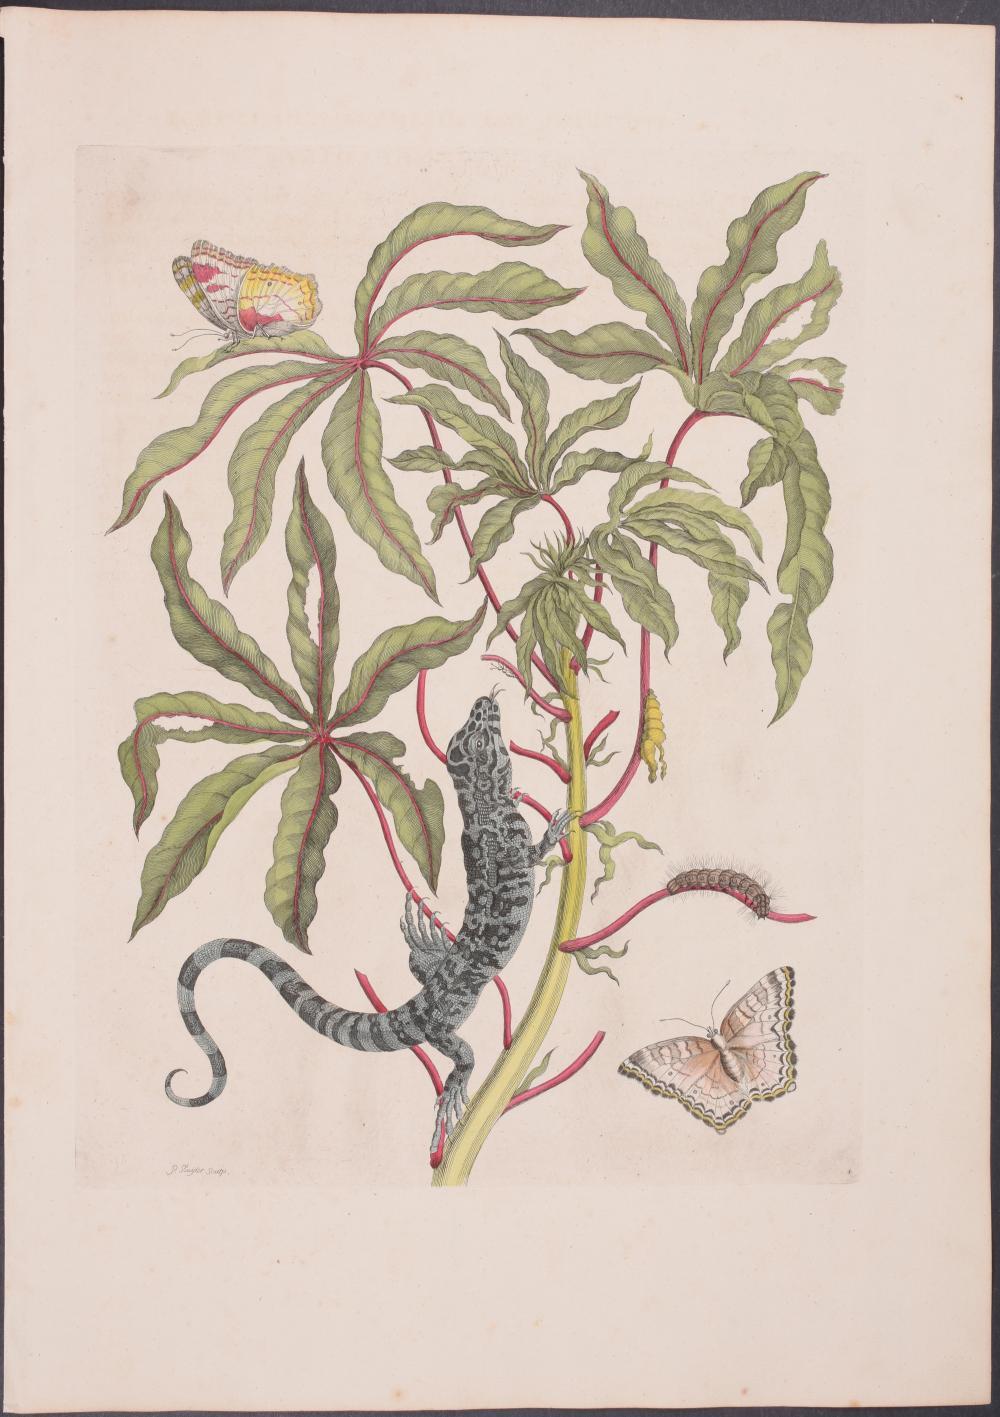 Lot 11185: Merian, Folio - Butterfly Metamorphosis & Lizard. 4